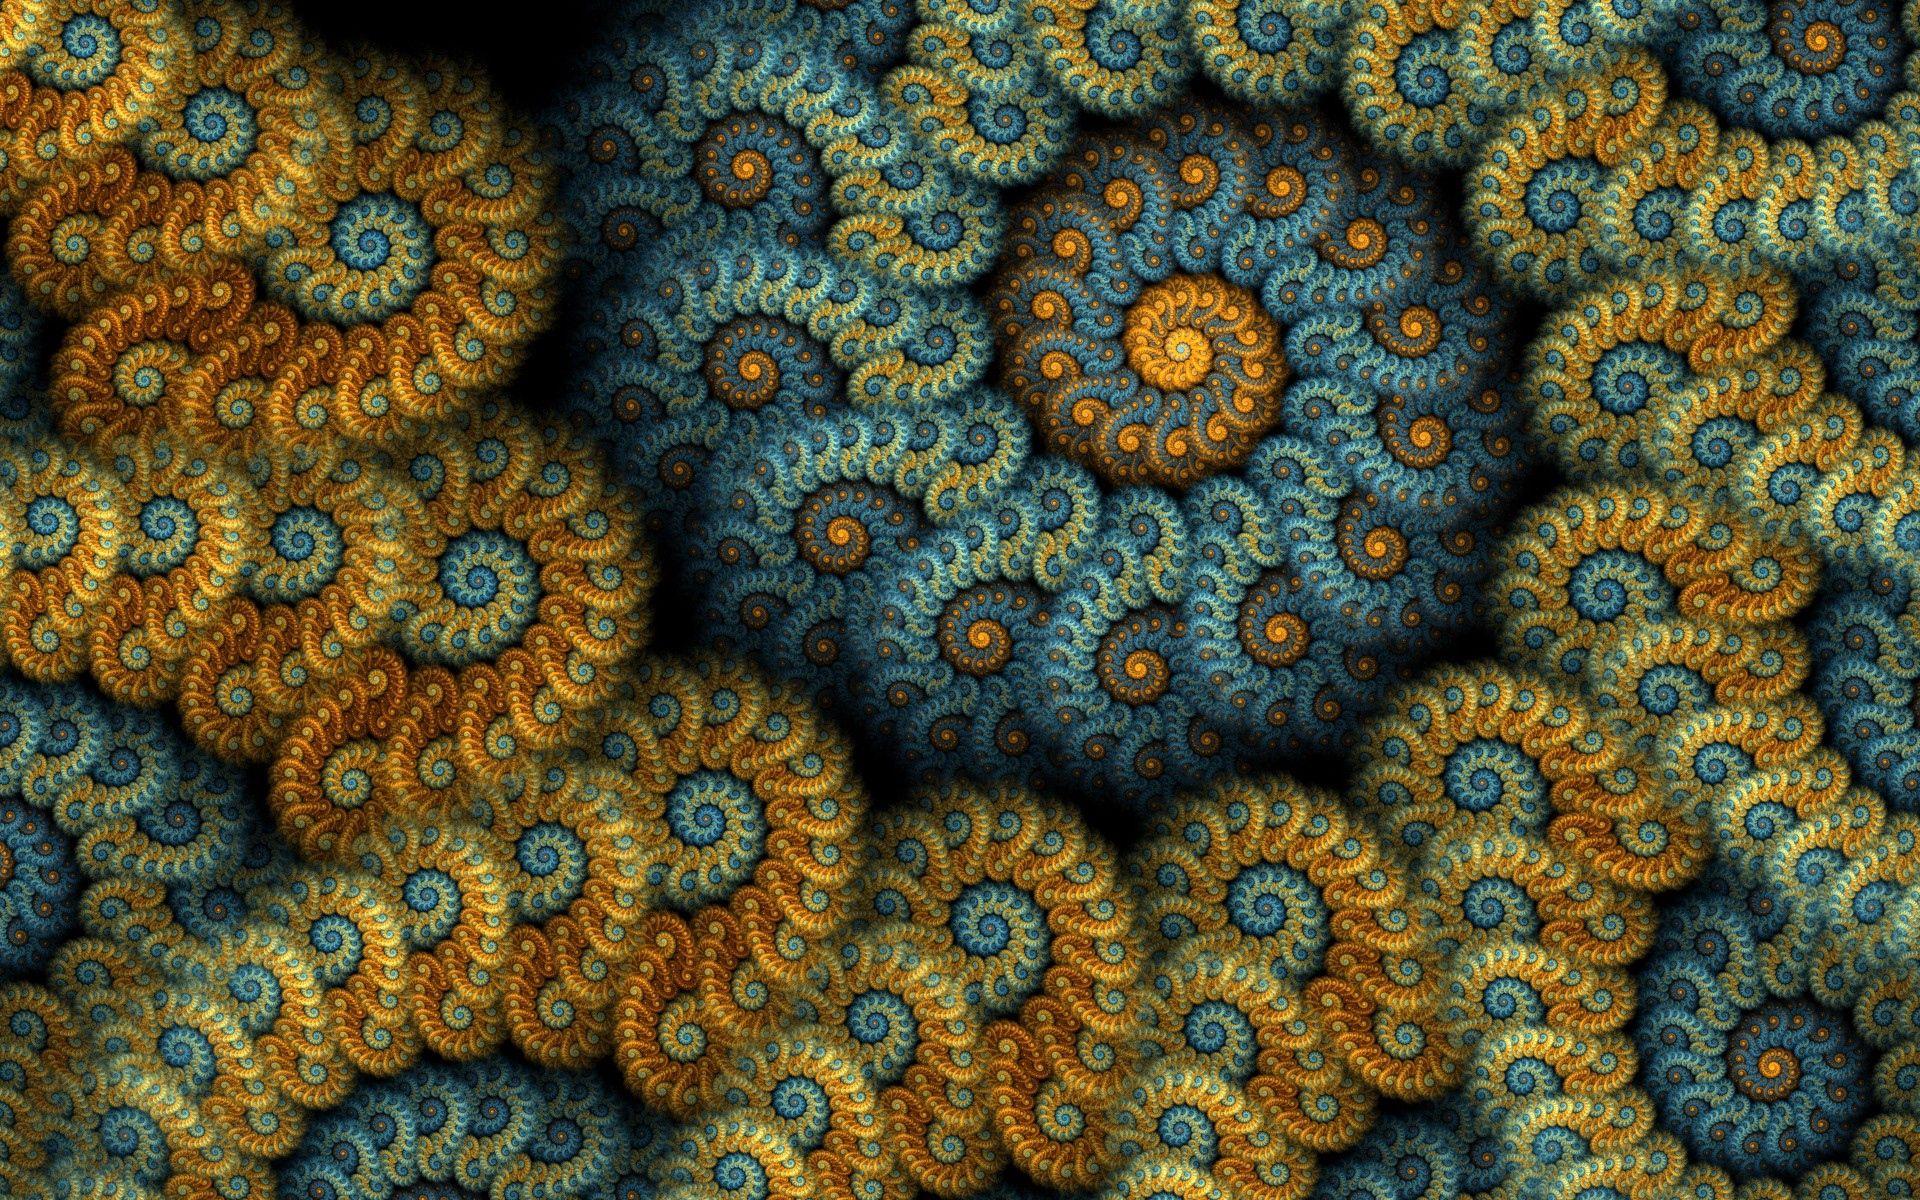 144864 Hintergrundbild herunterladen Hintergrund, Abstrakt, Patterns, Linien, Drehung, Plexus, Spiral, Spirale - Bildschirmschoner und Bilder kostenlos